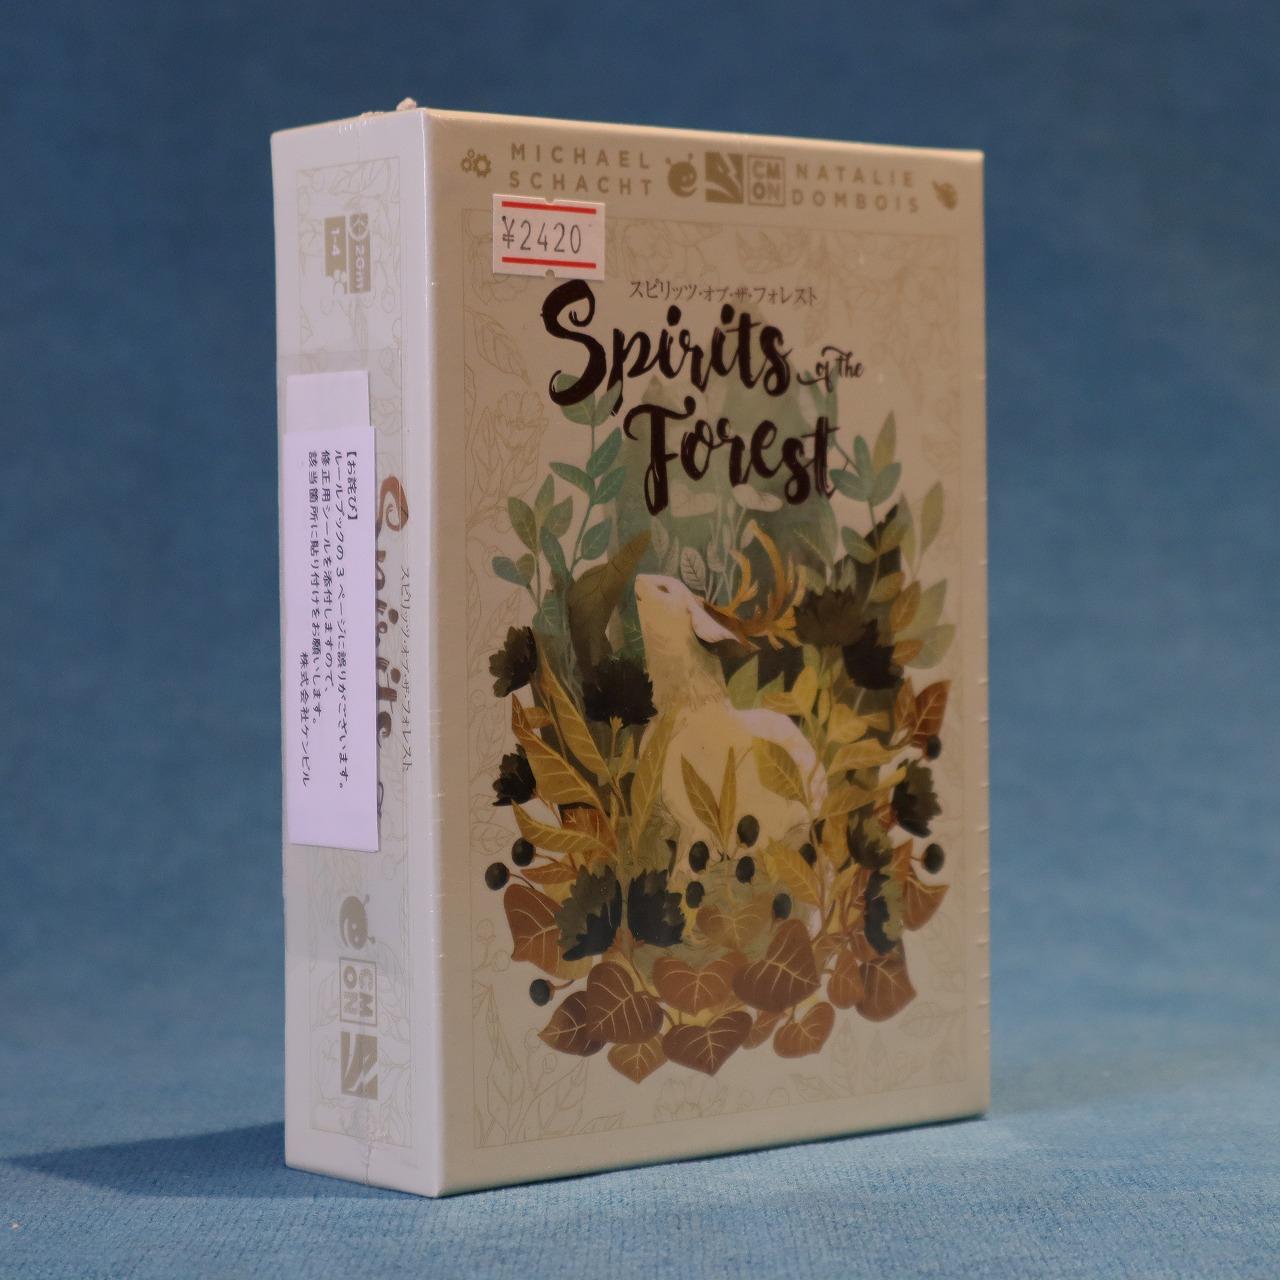 スピリッツ・オブ・ザ・フォレスト 日本語版